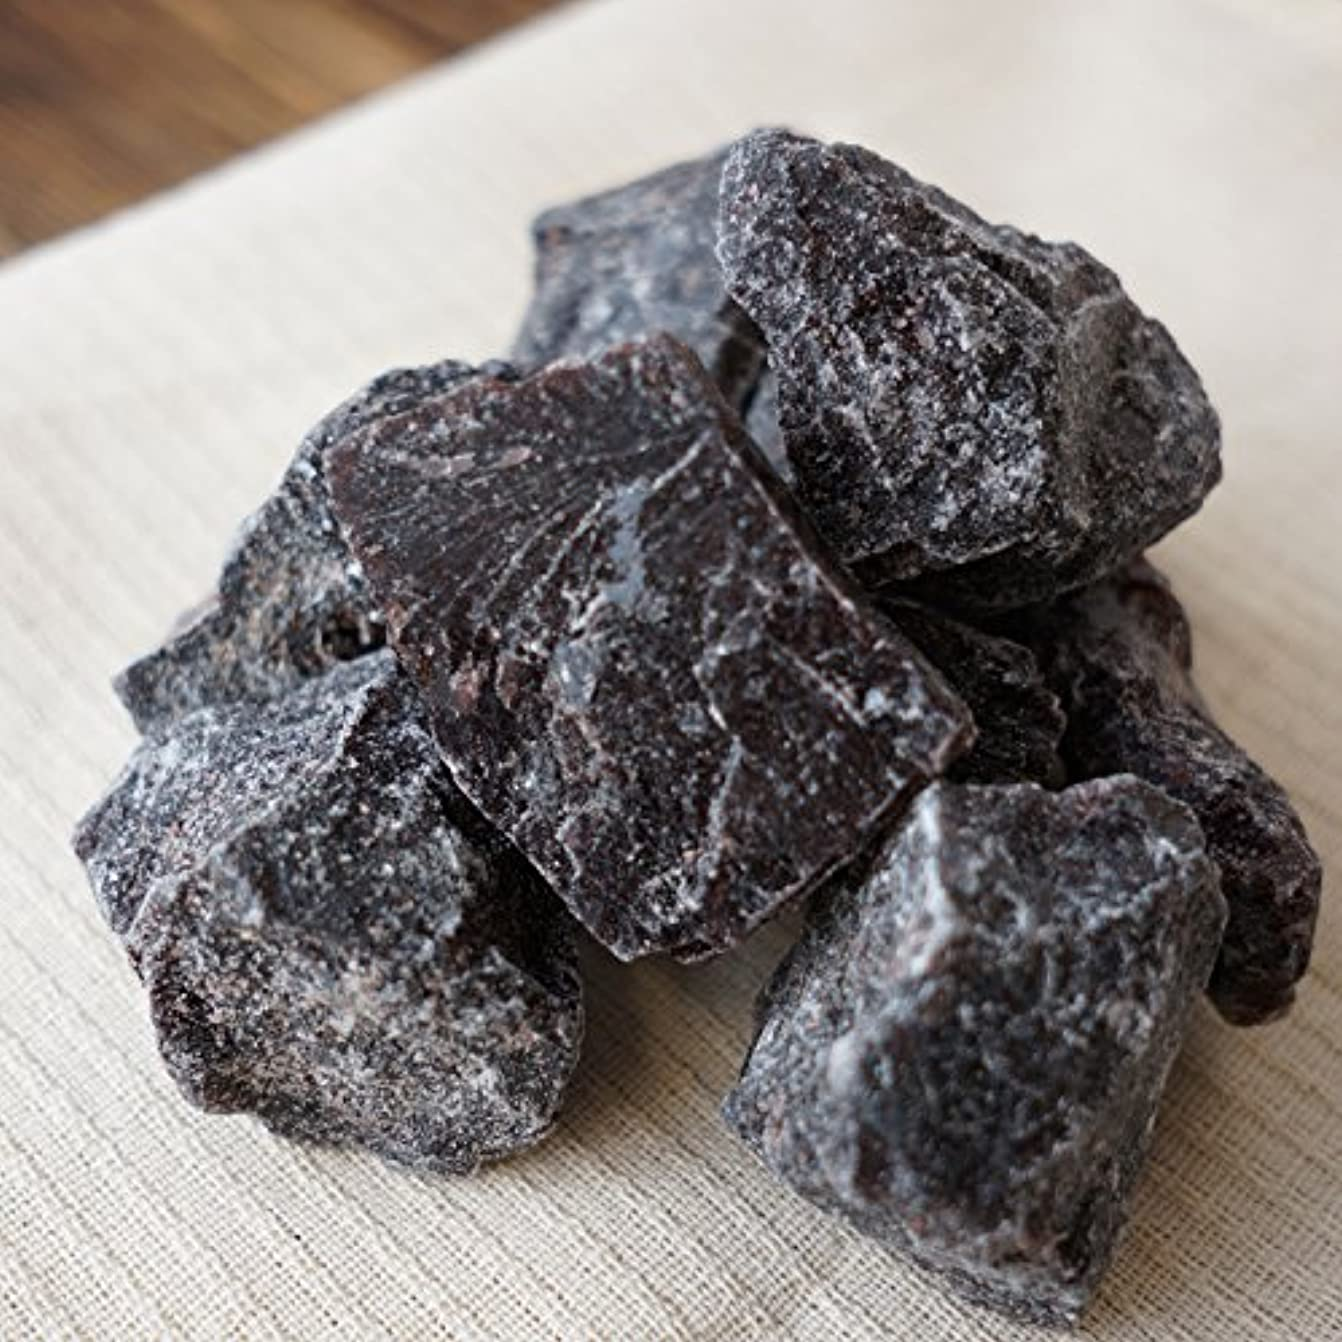 道徳乙女モンゴメリー希少 インド岩塩 ルビー ブロック 約2-5cm 5,000g 原料